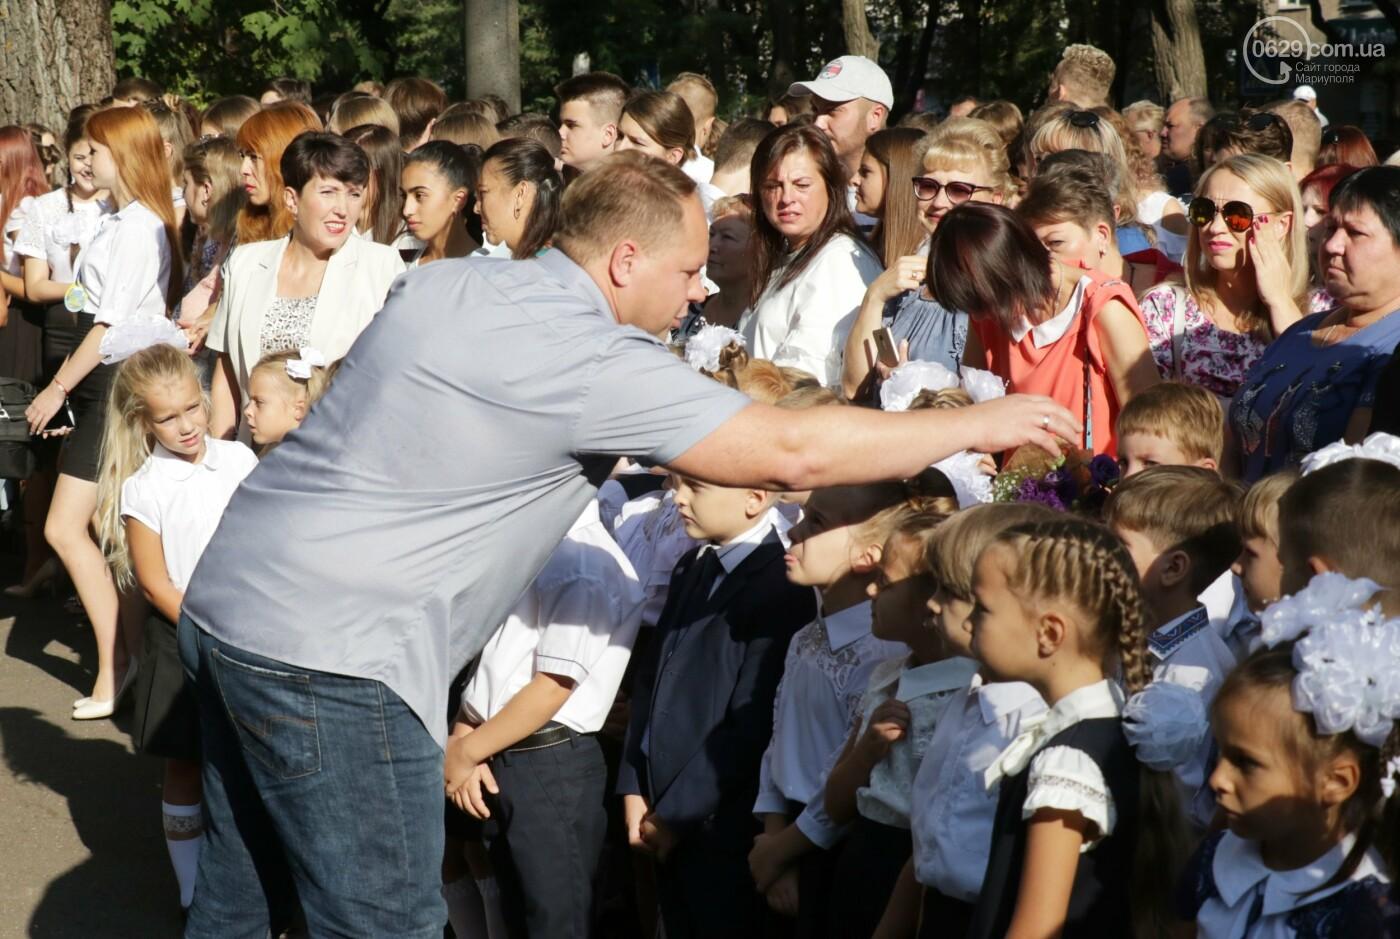 Первый звонок в Новой украинской школе: четыре тысячи первоклашек сели за парты в Мариуполе, - ФОТОРЕПОРТАЖ, фото-24